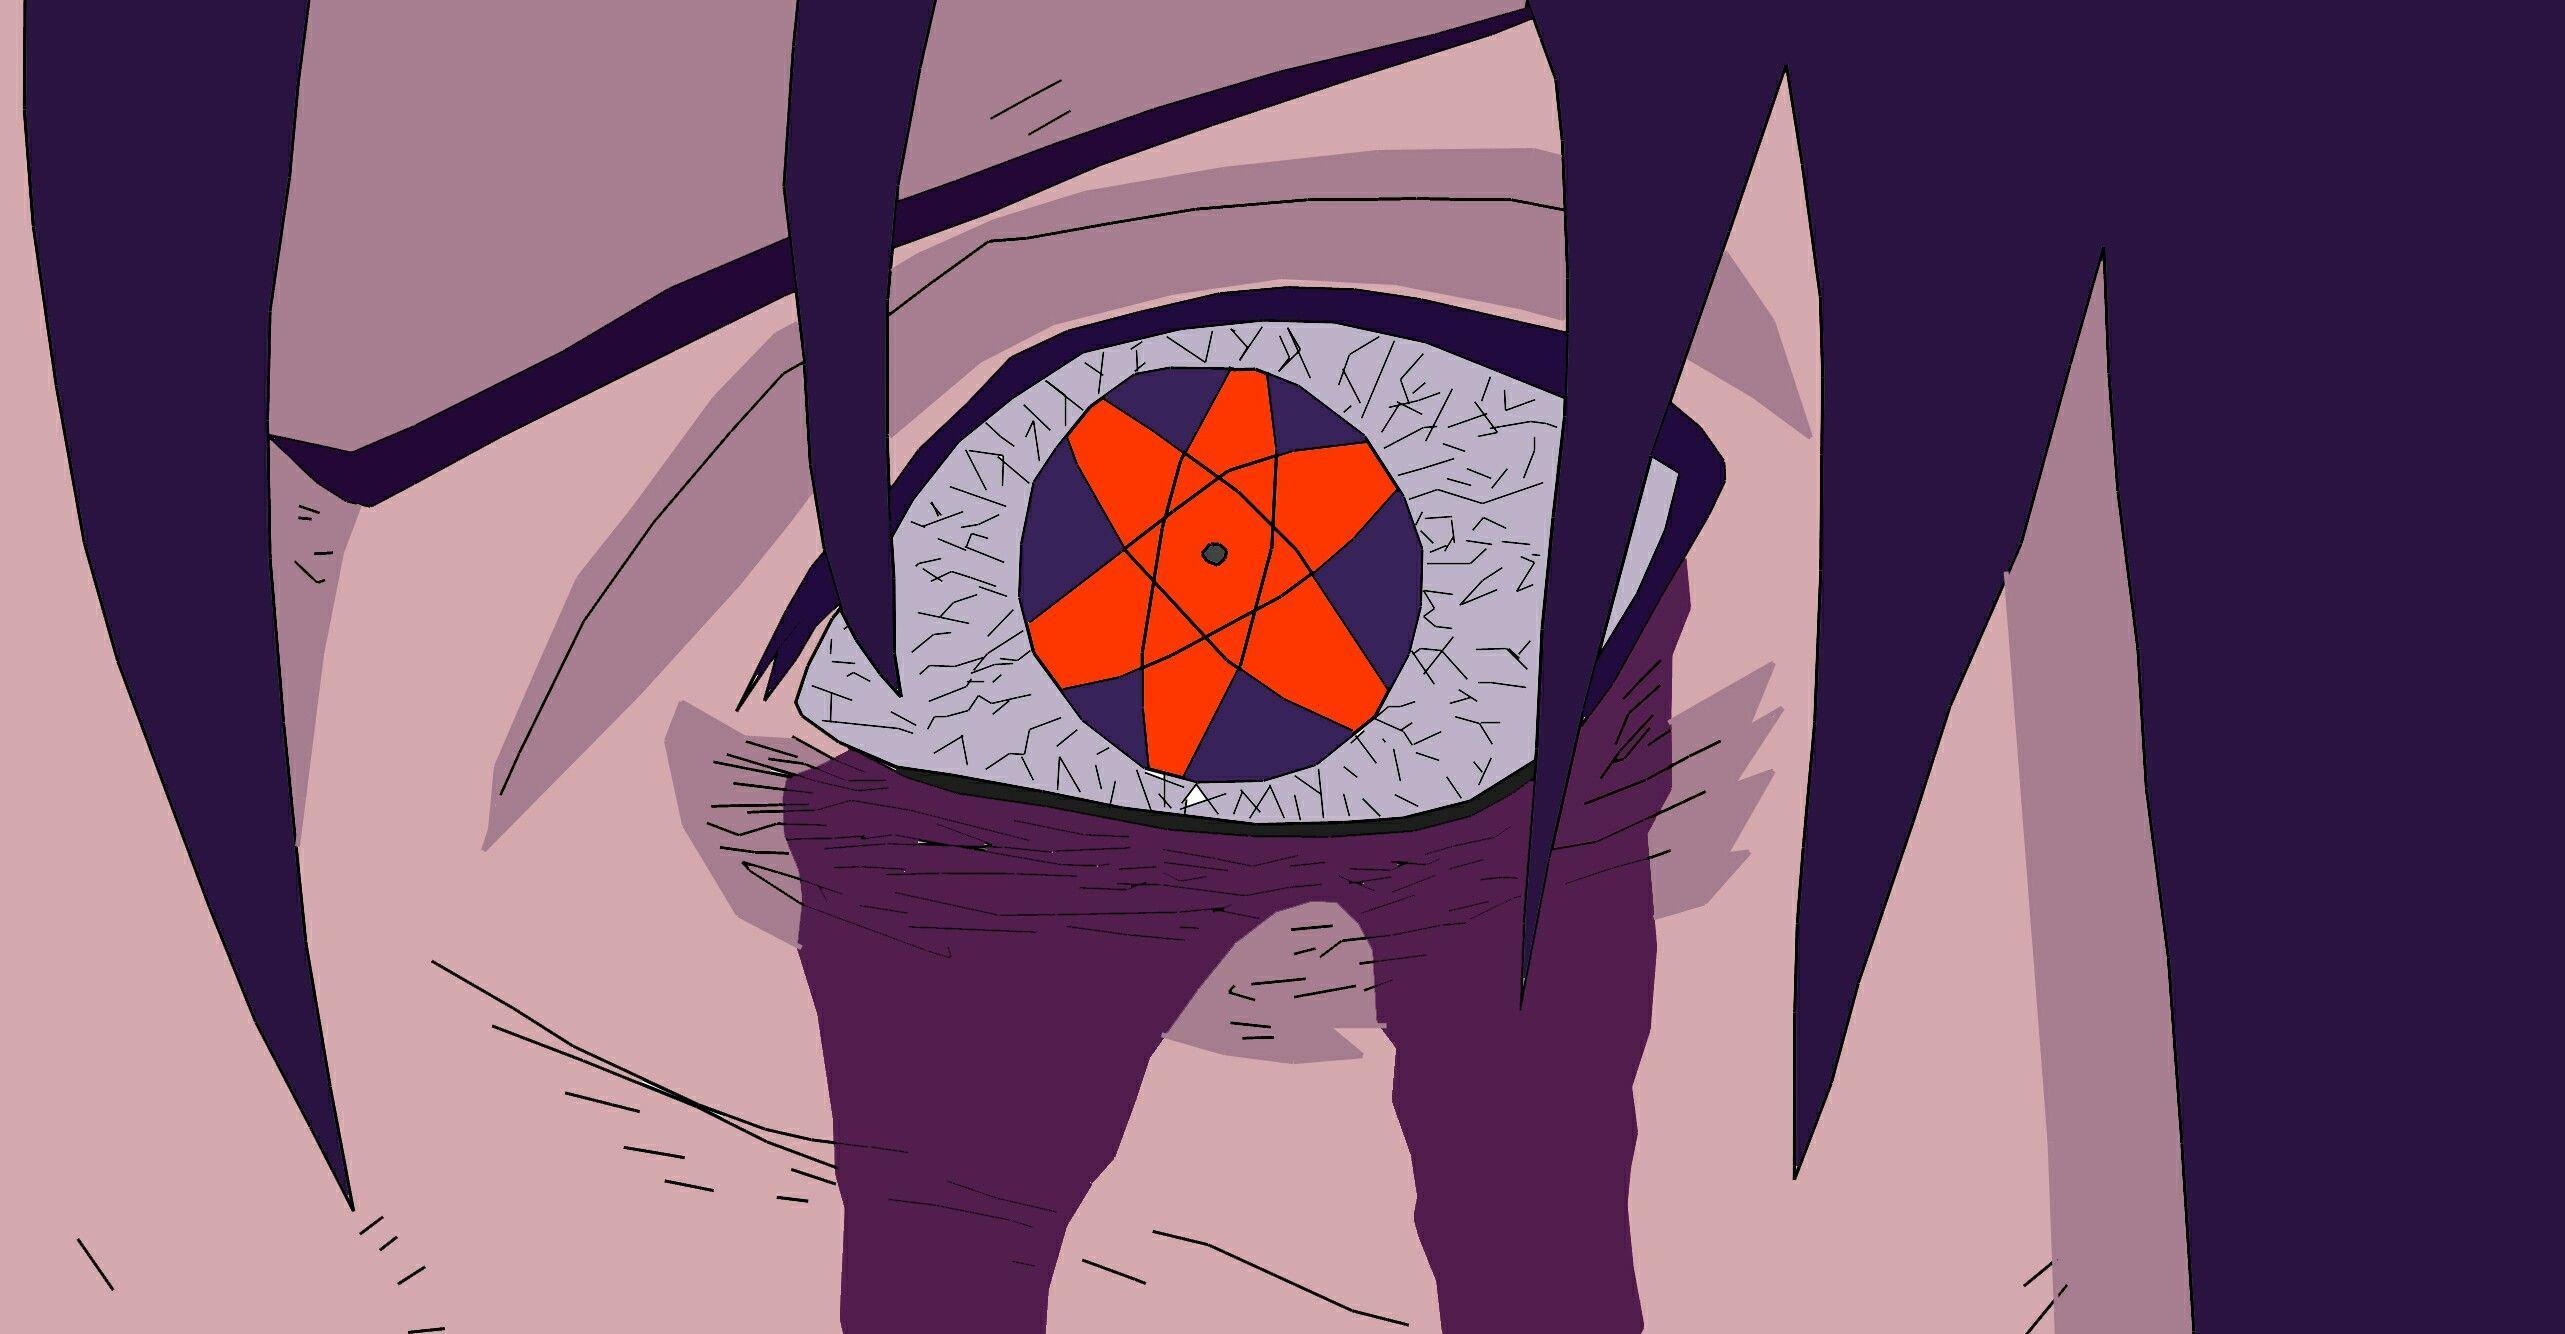 pin von anil eren kiran auf eren | pinterest | sasuke, sasuke